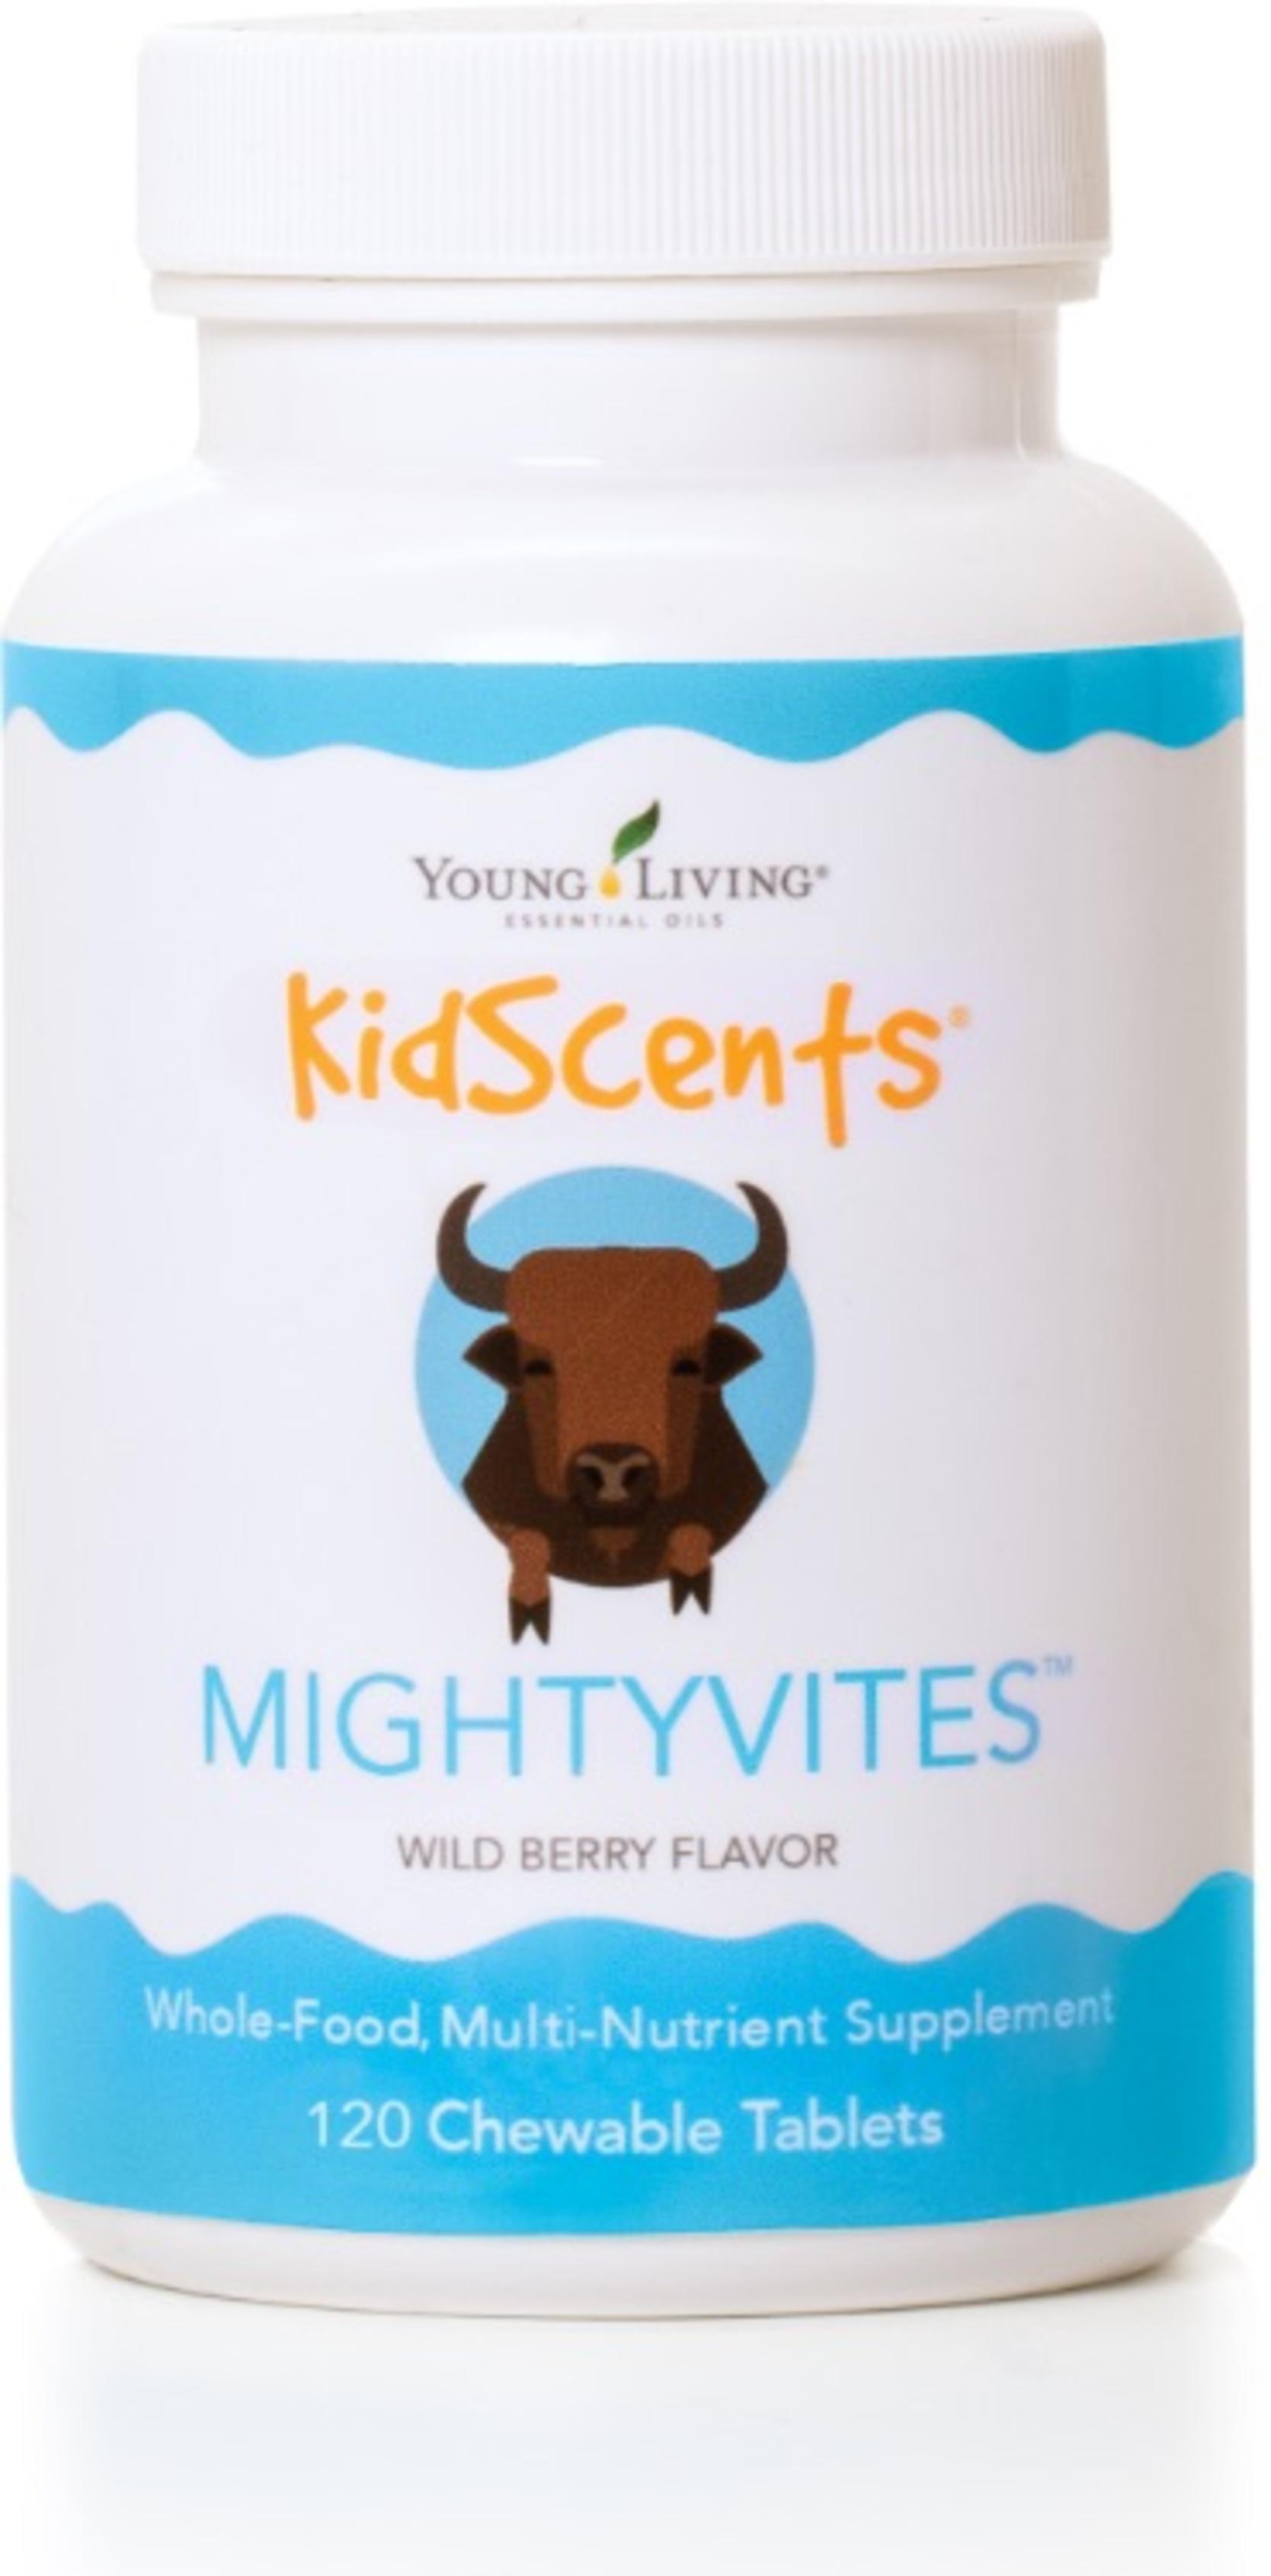 MightyVites